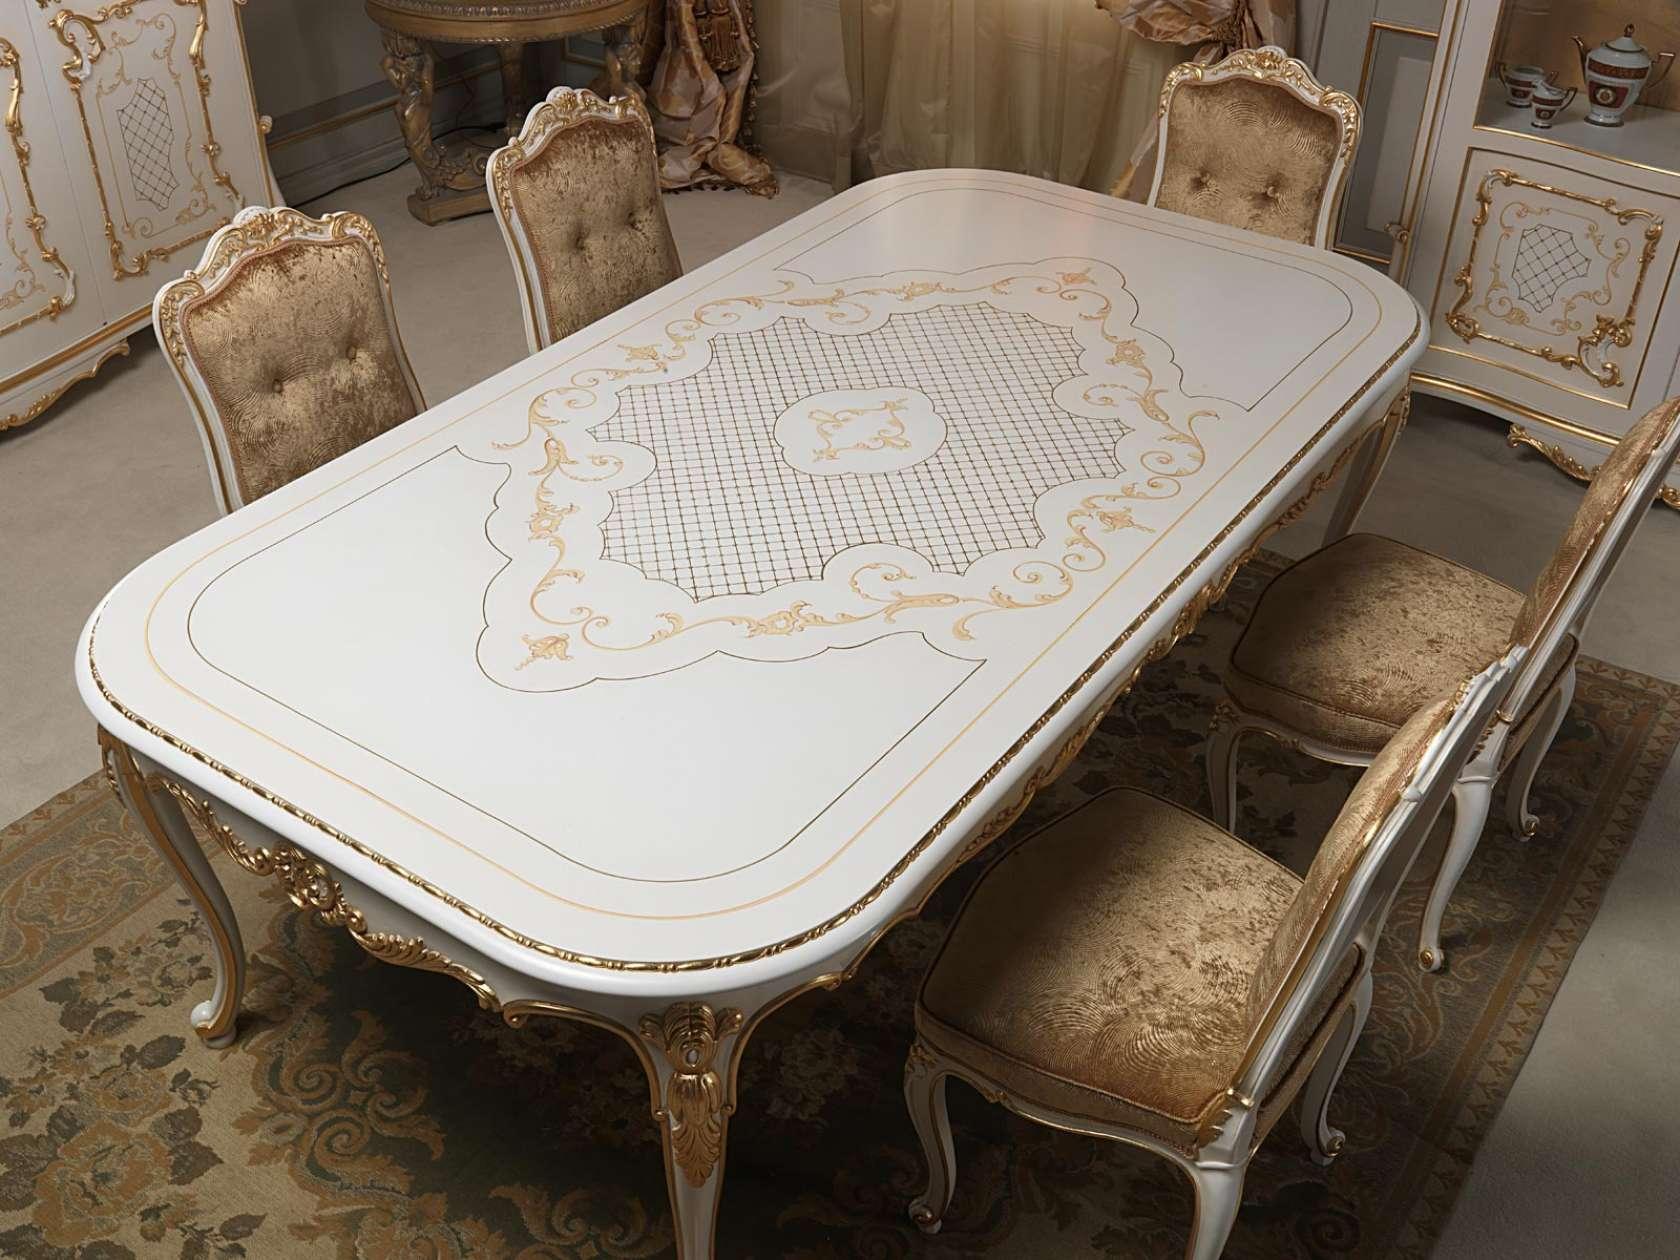 Tavoli Da Pranzo In Stile.Tavolo Da Pranzo Venezia In Stile Luigi Xv Vimercati Meda